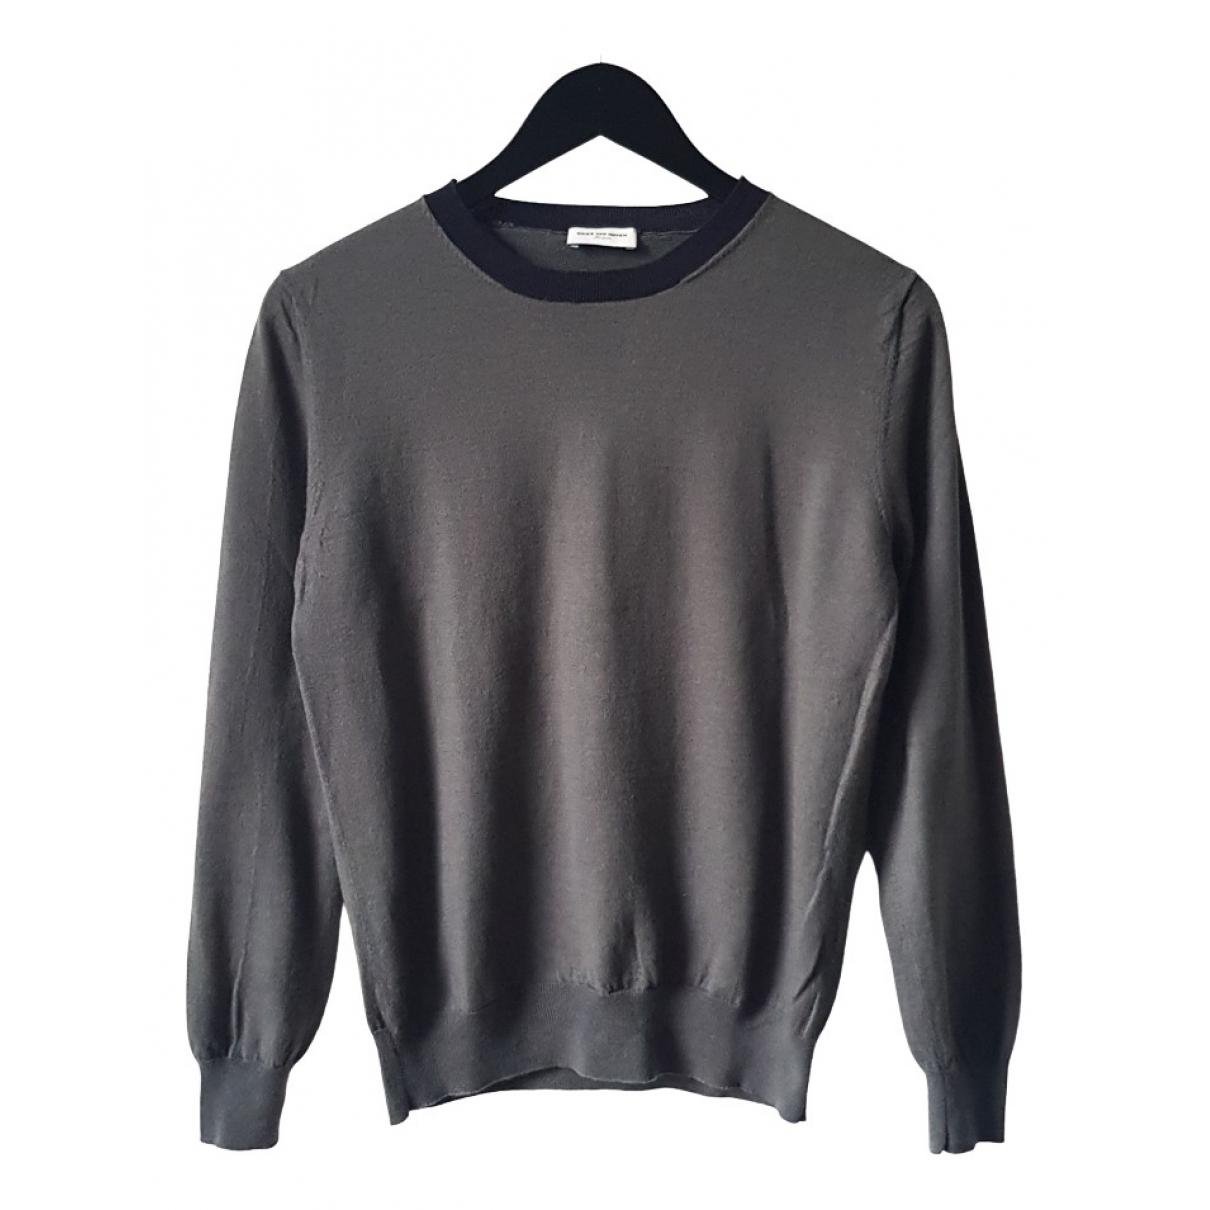 Dries Van Noten - Pulls.Gilets.Sweats   pour homme en laine - gris